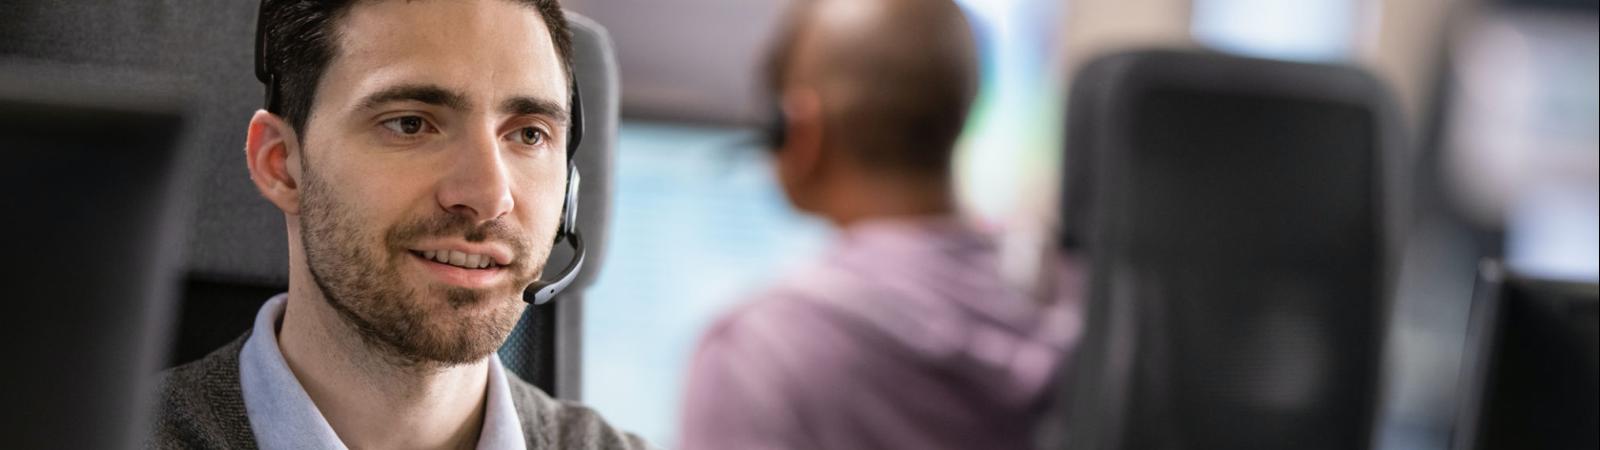 Homme portant un casque, en plein appel